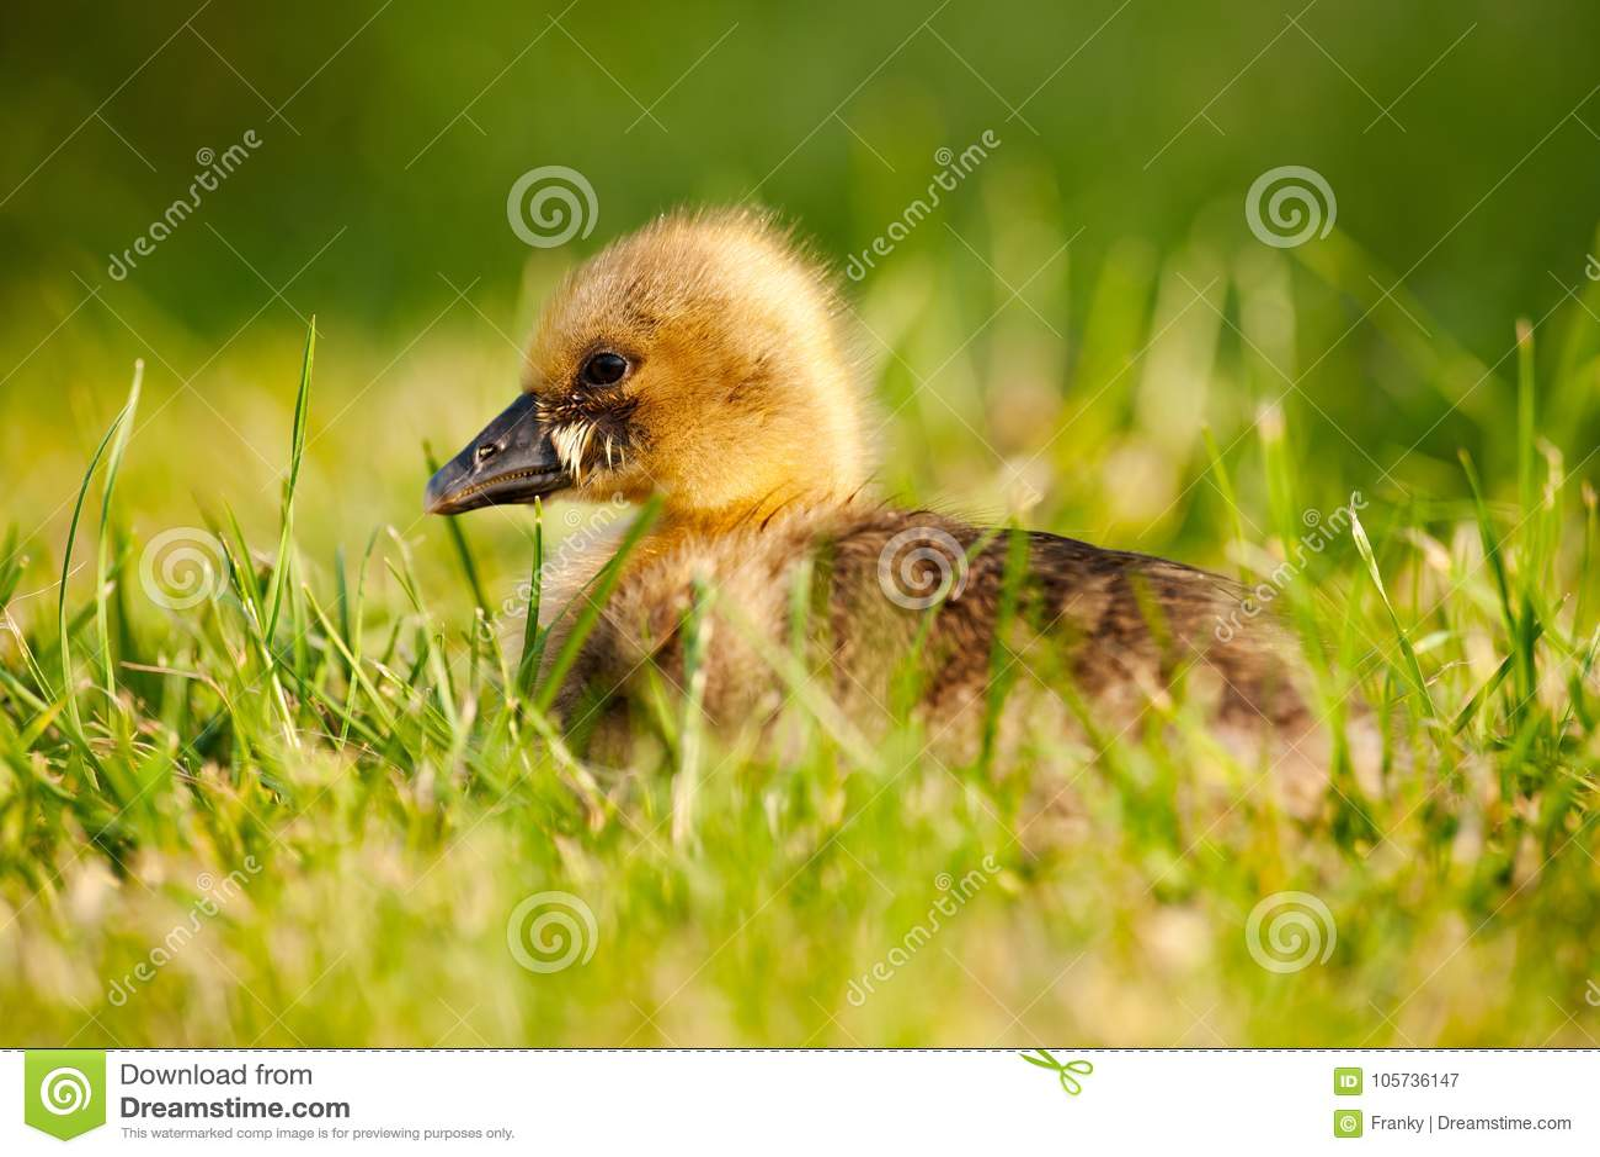 Greylag Goose chick Anser anser